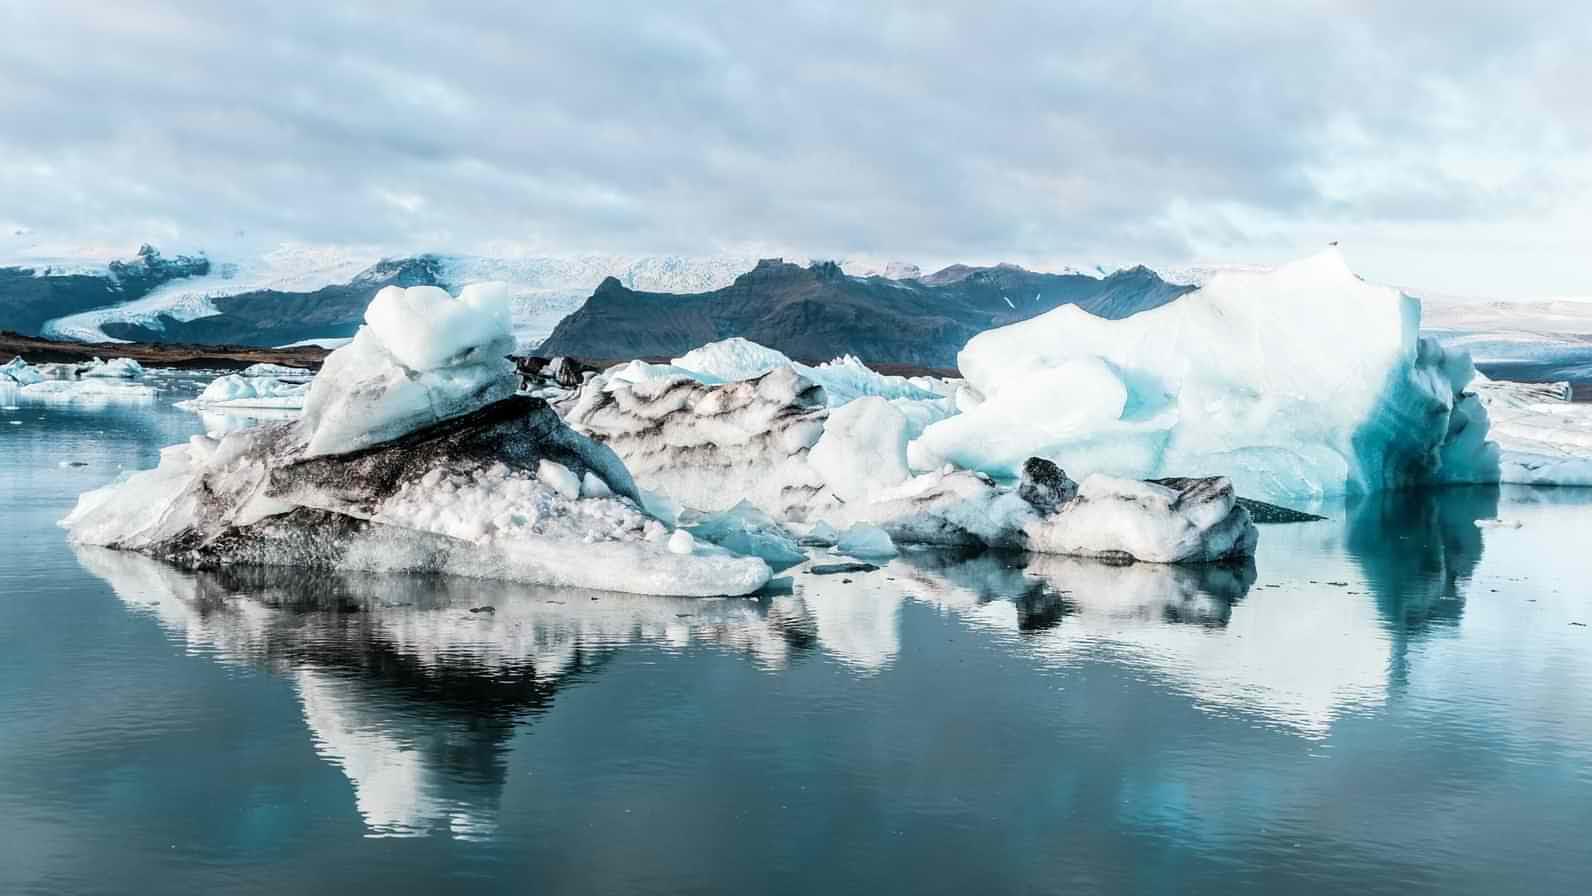 Icebergs inside the glacial lagoon Jökulsárlón at the head of the Breiðamerkurjökull glacier in the Vatnajökull National Park UNESCO World Heritage Site, Iceland.